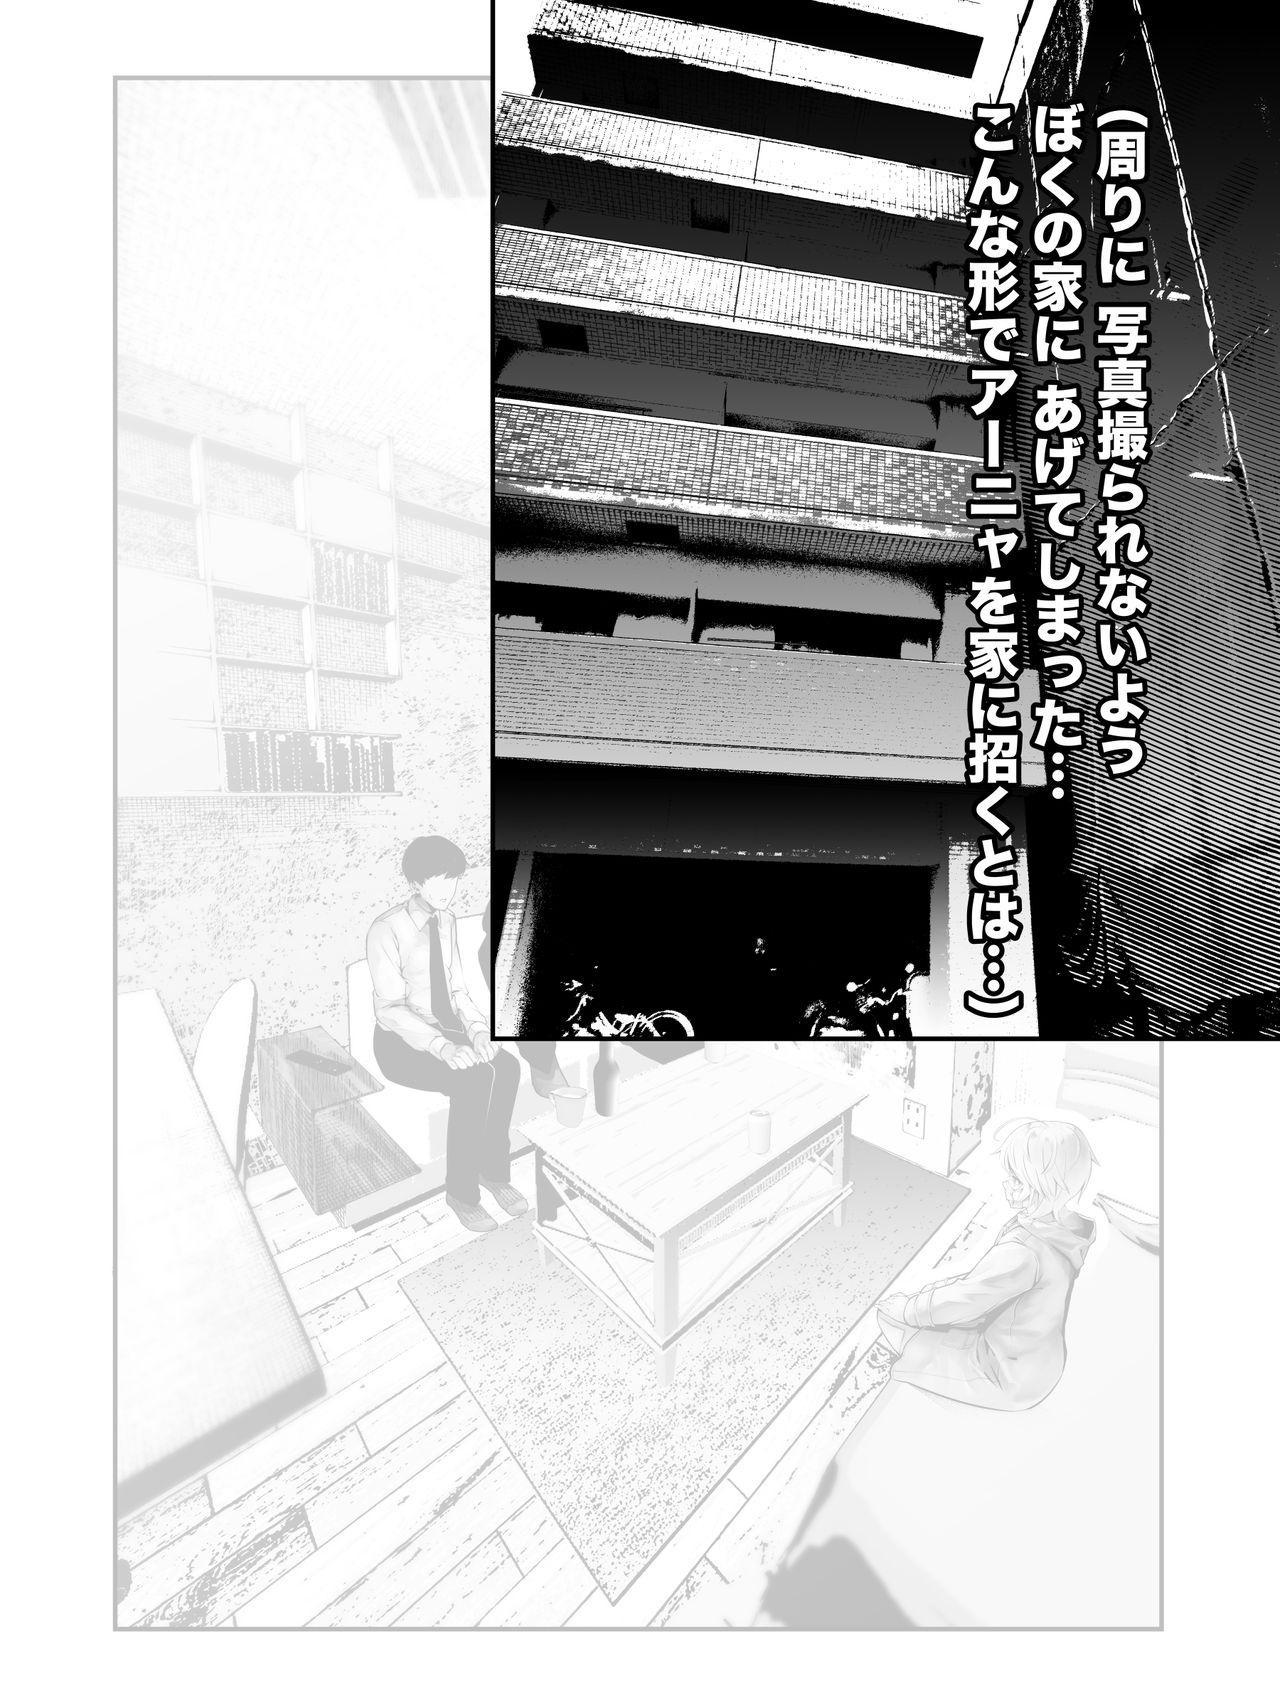 Kanzenba/P 「Sochira no kata wa…?」?「Chissu, ore otoutosu」 12